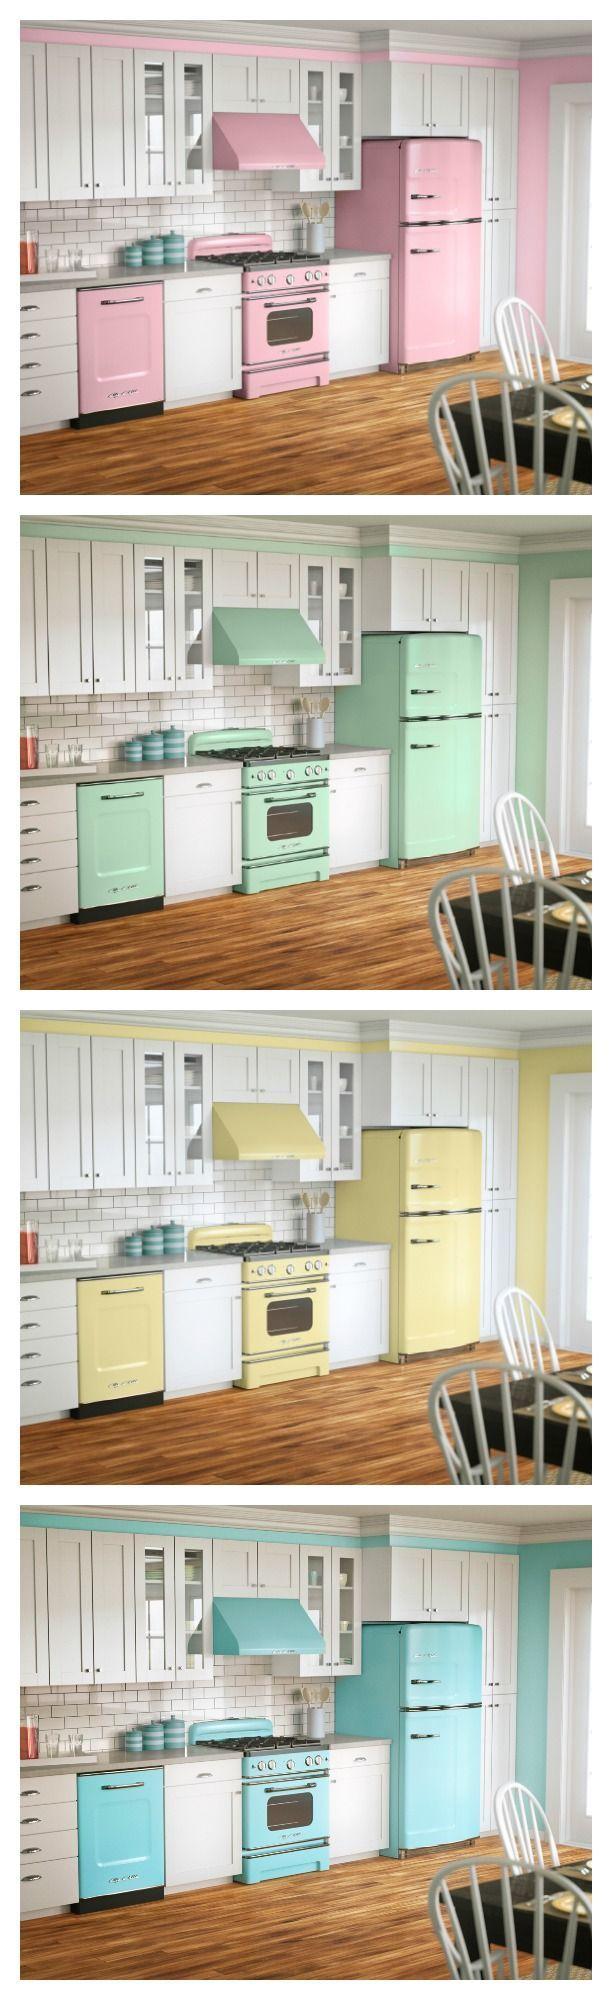 662 besten Pink Kitchen Bilder auf Pinterest | Rosa küchengeräte ...